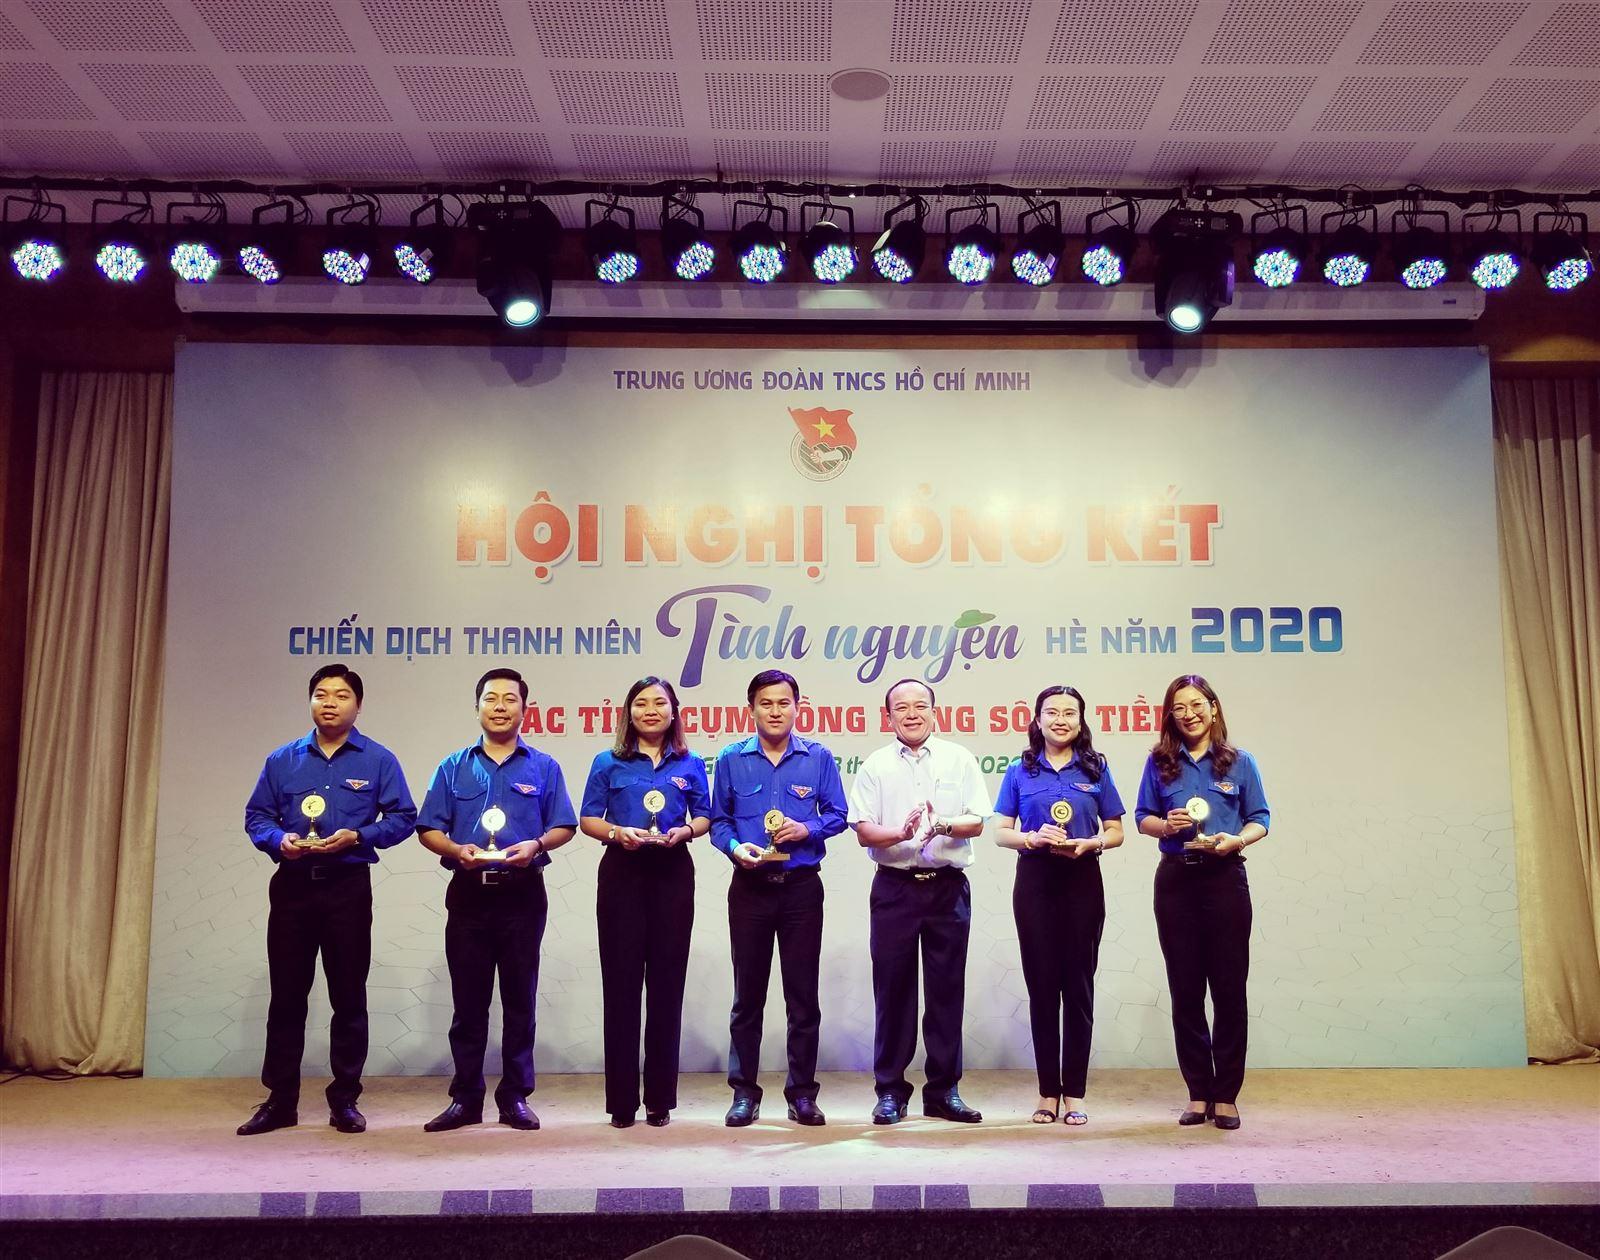 Hội nghị tổng kết chiến dịch Thanh niên tình nguyện hè các tỉnh Cụm đồng bằng sông Tiền năm 2020